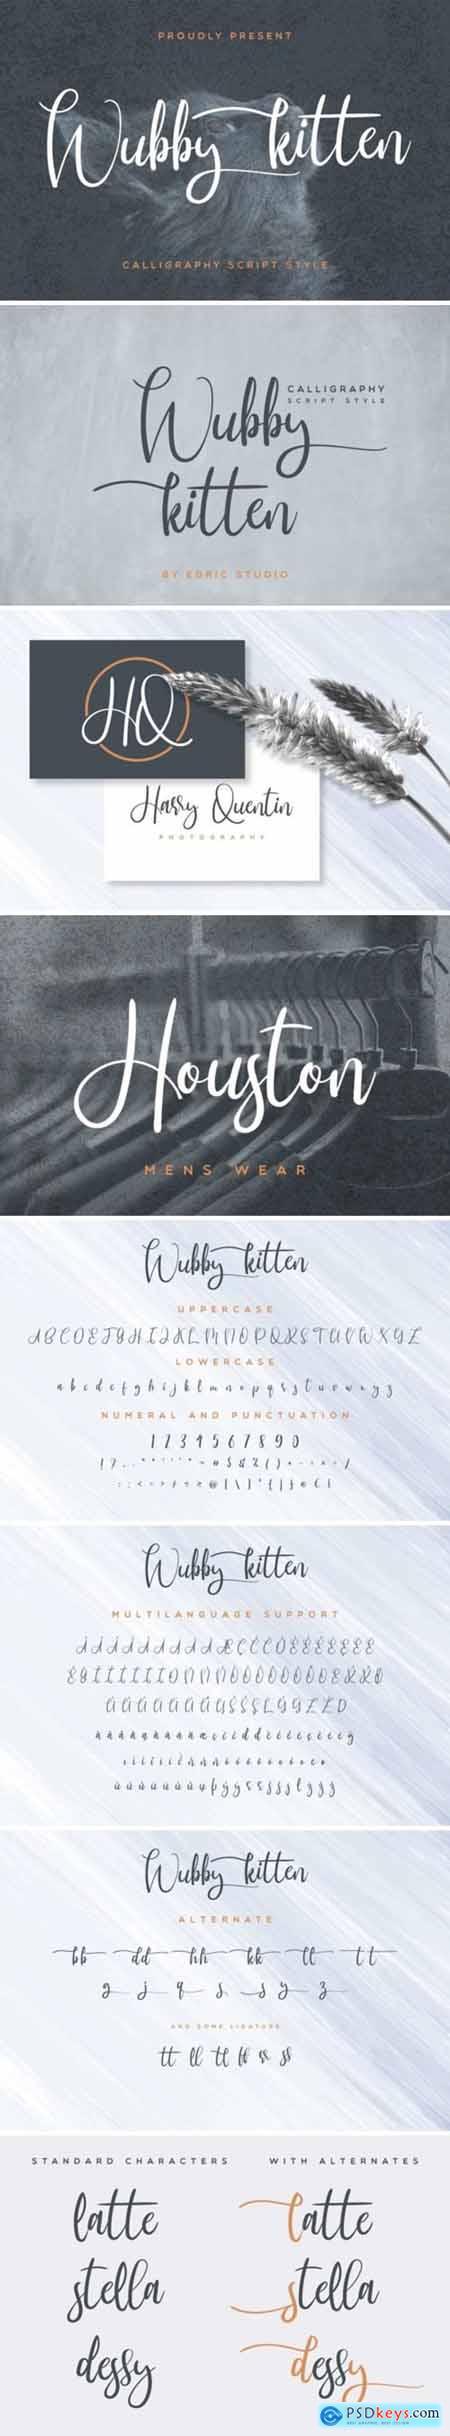 Wubby Kitten Font